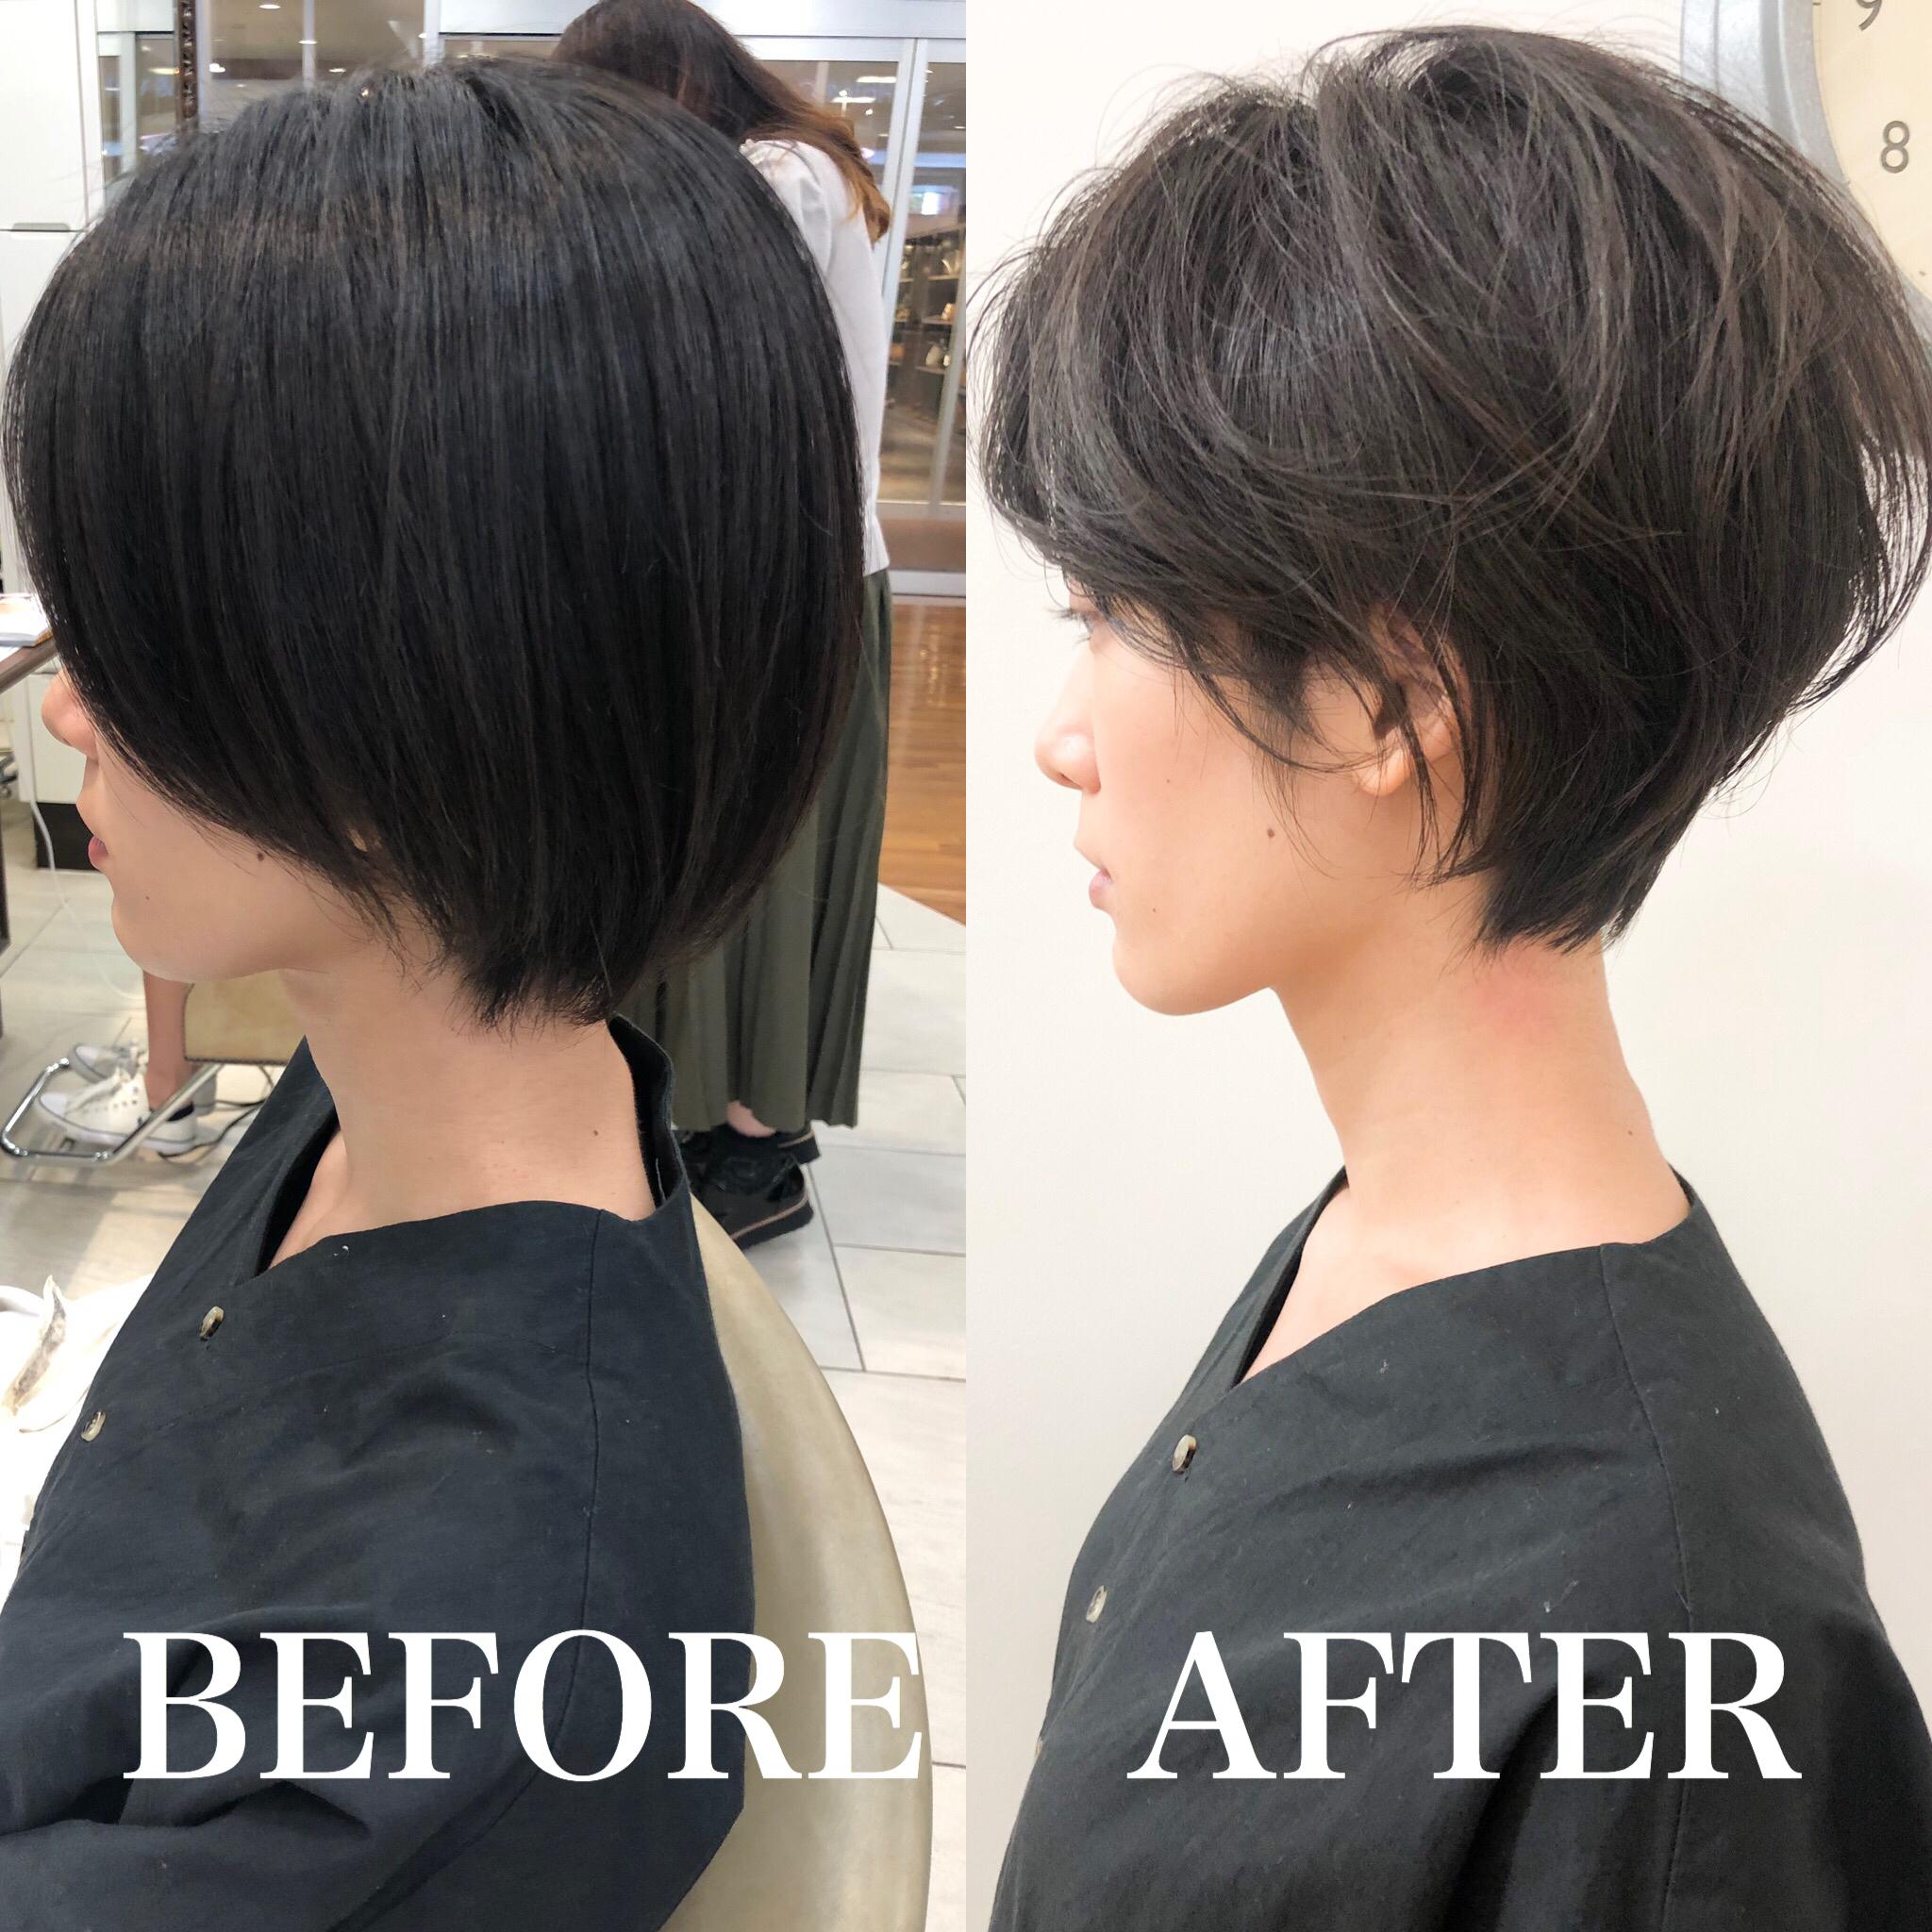 黒髪+ショートボブ→前髪長めハンサムショート